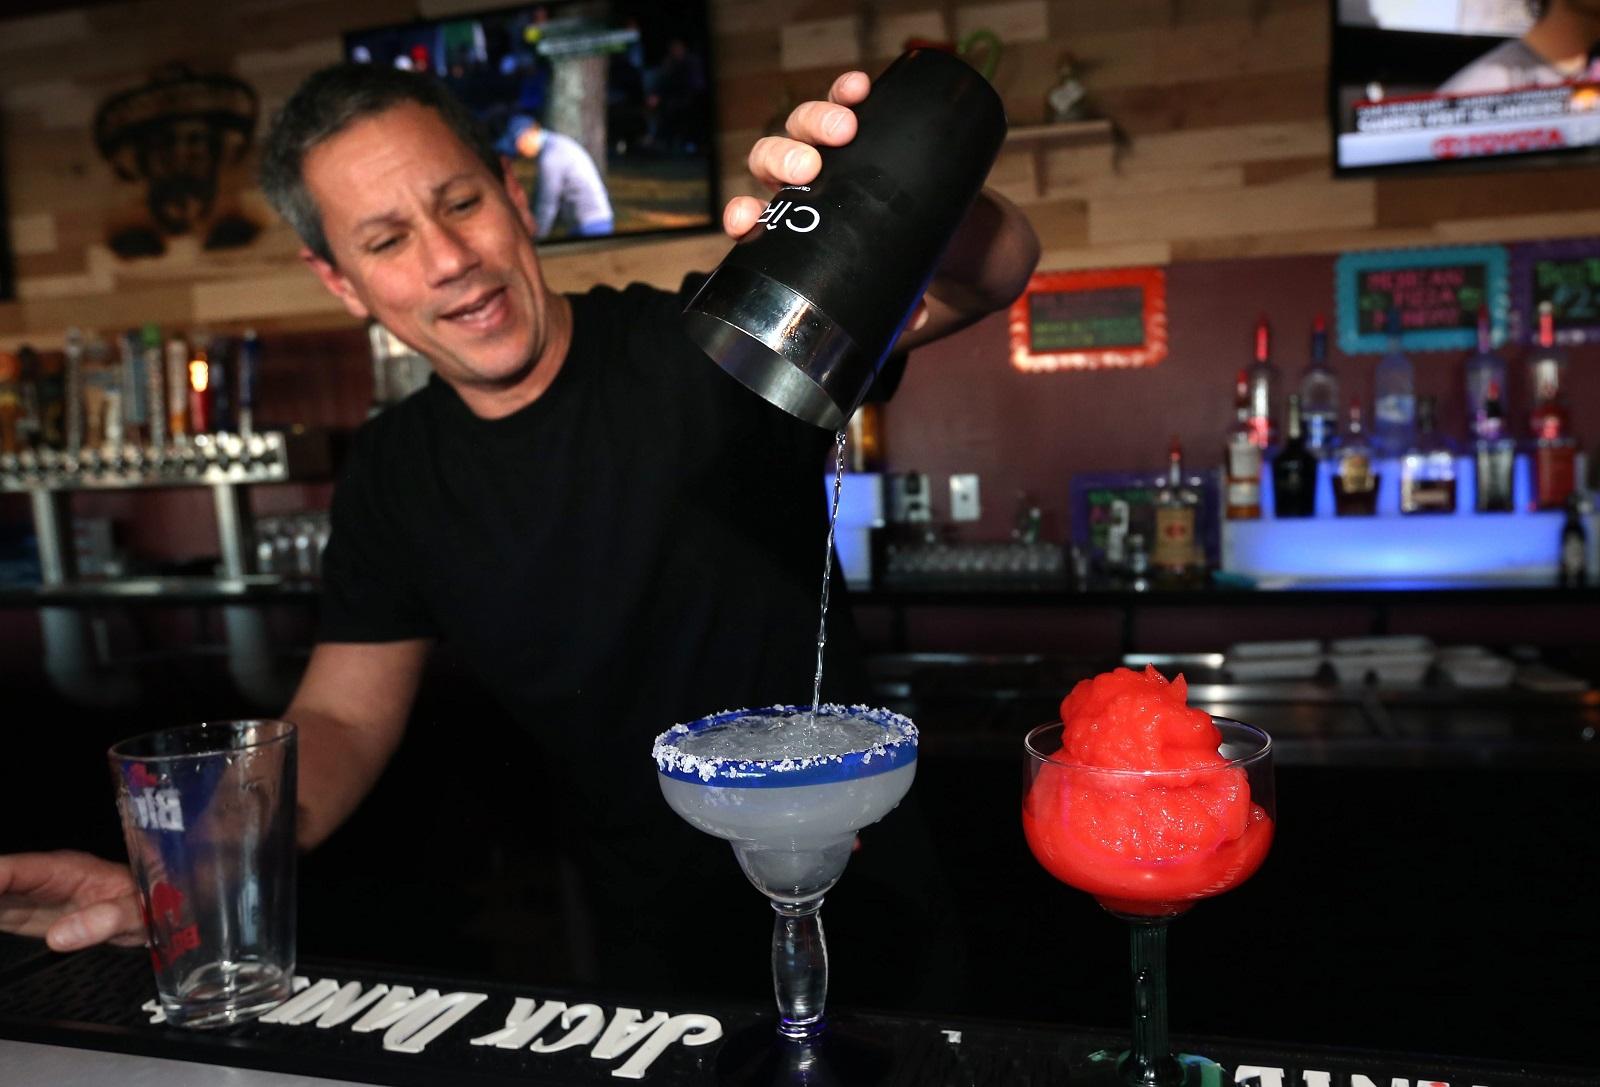 Papi Grande's bartender Hector Enrique Mondul makes a traditional margarita and a strawberry margarita. (Sharon Cantillon/Buffalo News)